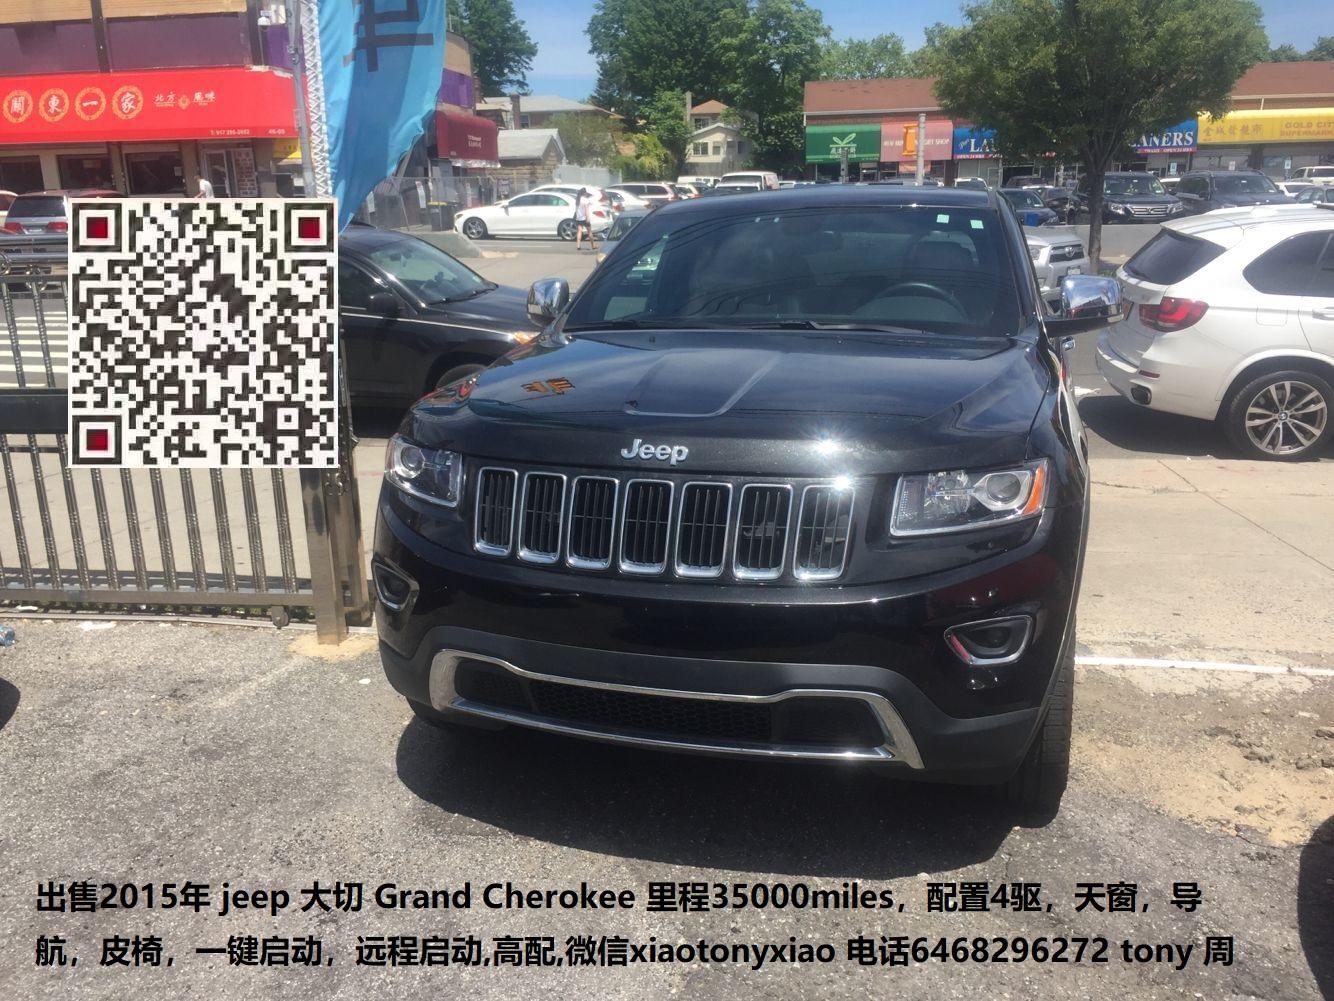 出售2015年 jeep 大切 Grand Cherokee LIMITED 里程35000miles 同城,唐人街,都市圈,海外华人,出售 第9张图片